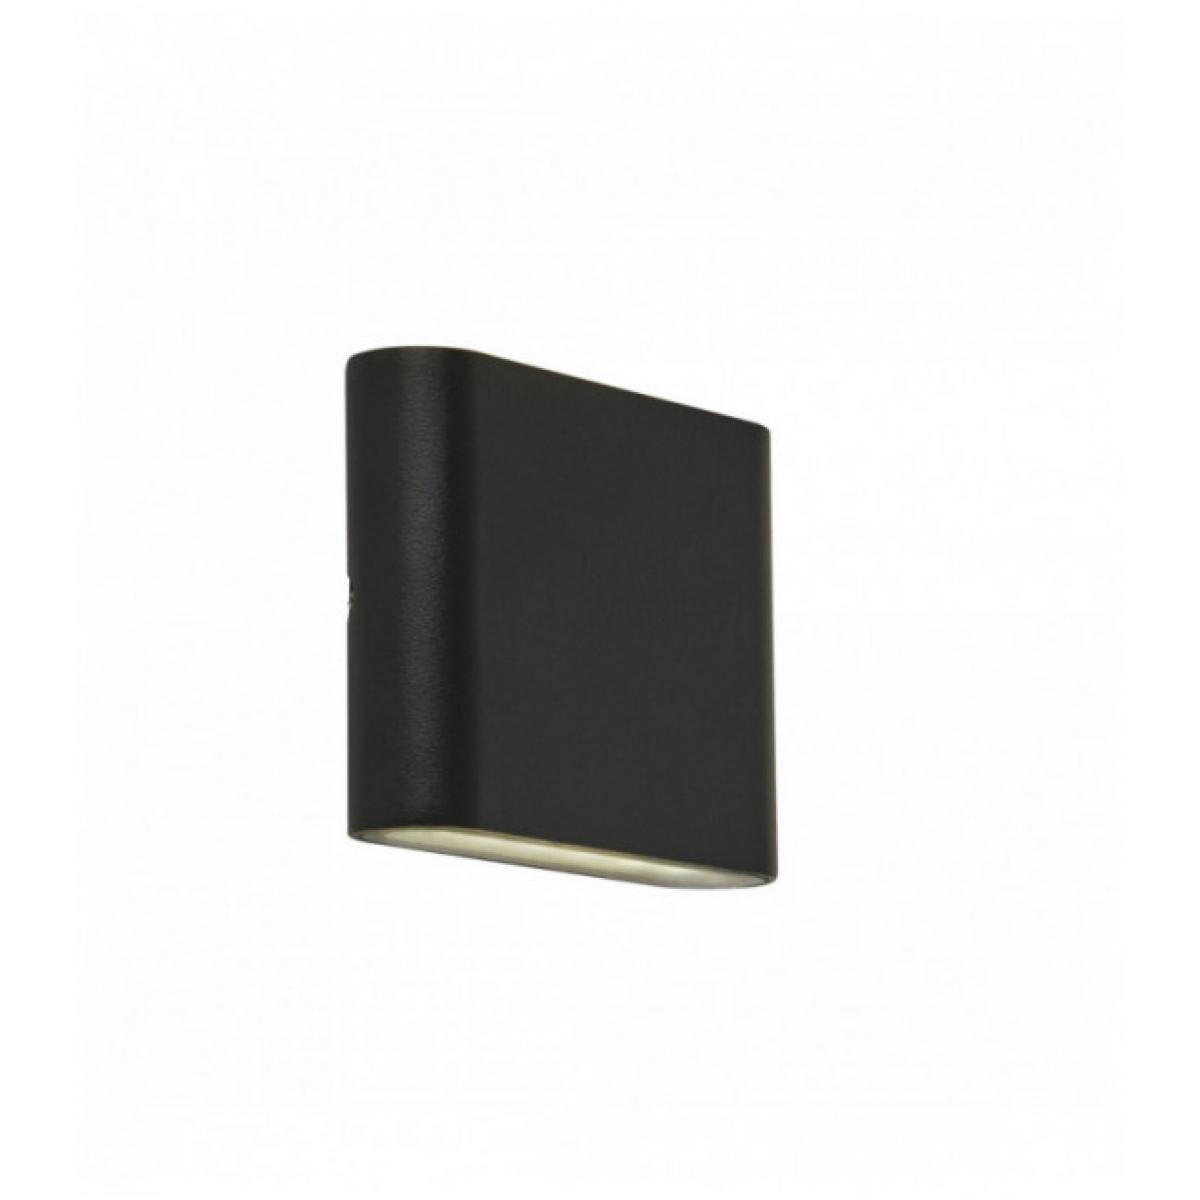 Searchlight Applique d'extérieur à led haut / bas - noir - diffuseur transparent